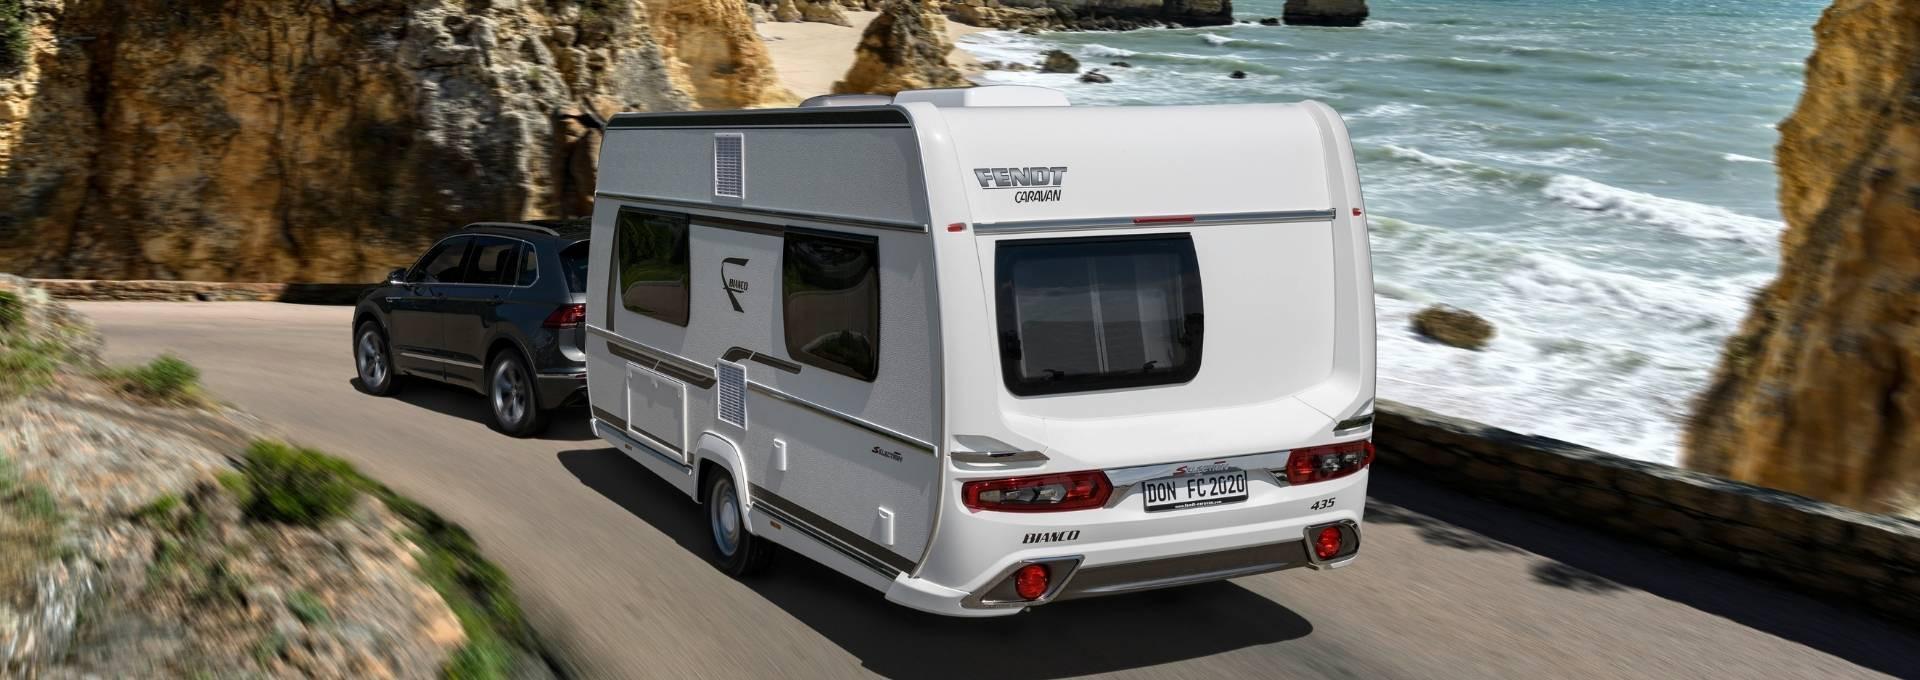 Wohnwagen Bianco Selection von Fendt Caravan auf einer Straße am Meer